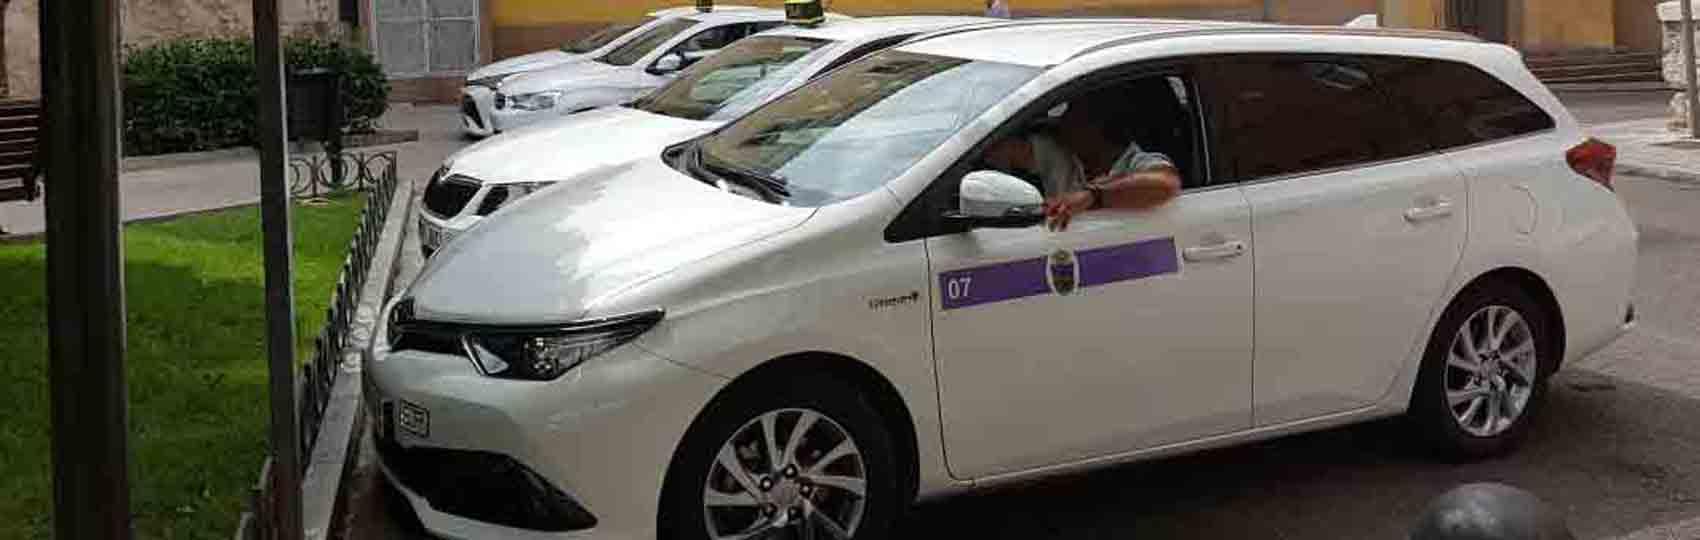 Noticias del sector del taxi y la movilidad en Guadalajara. Mantente informado de todas las noticias del taxi de Guadalajara en el grupo de Facebook de Todo Taxi.